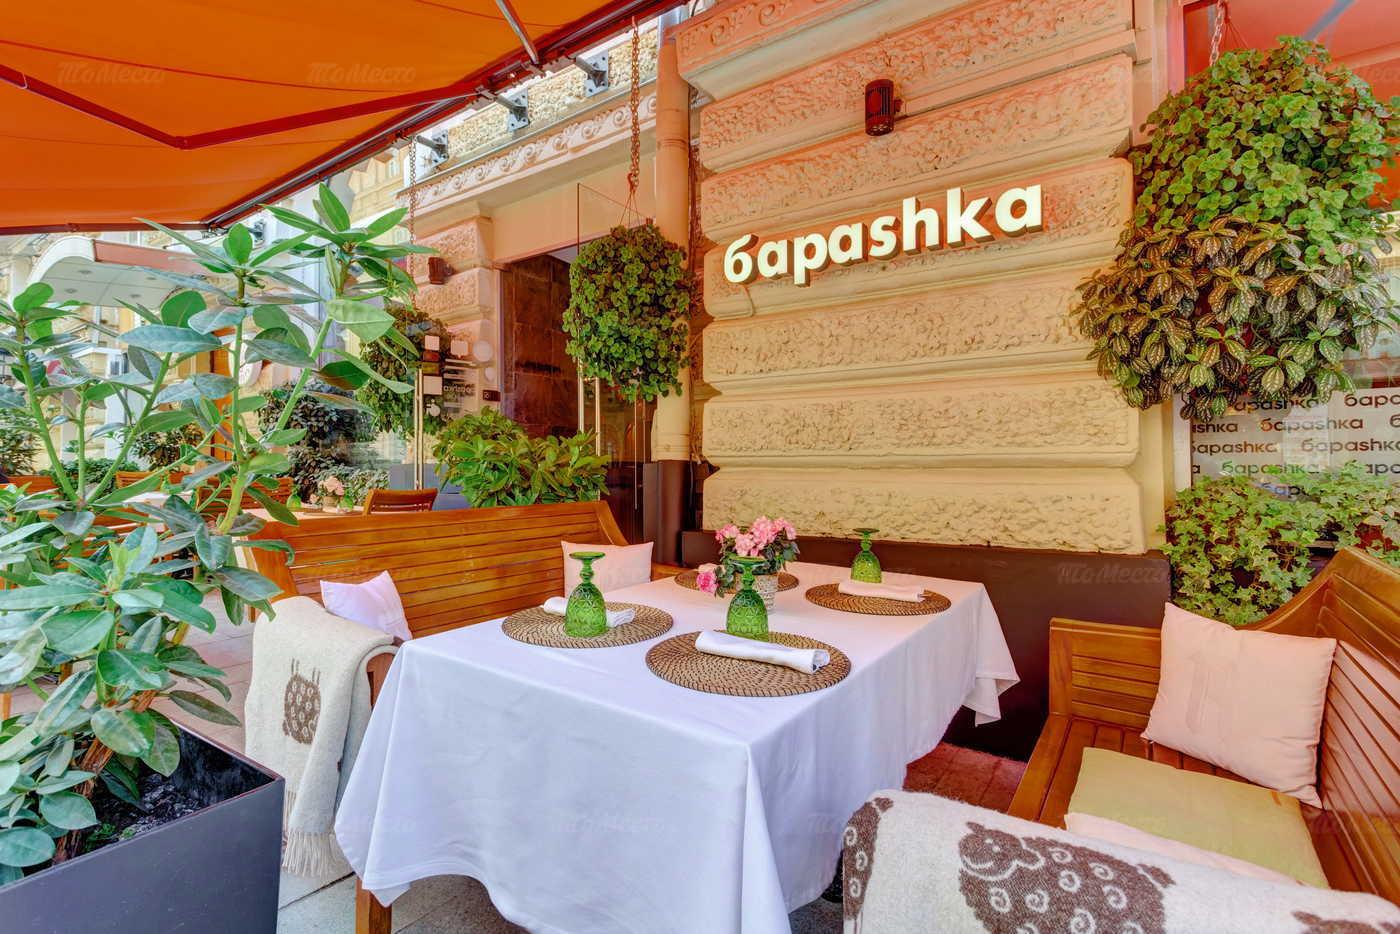 Ресторан Барашка (Бараshка) на Петровке фото 18